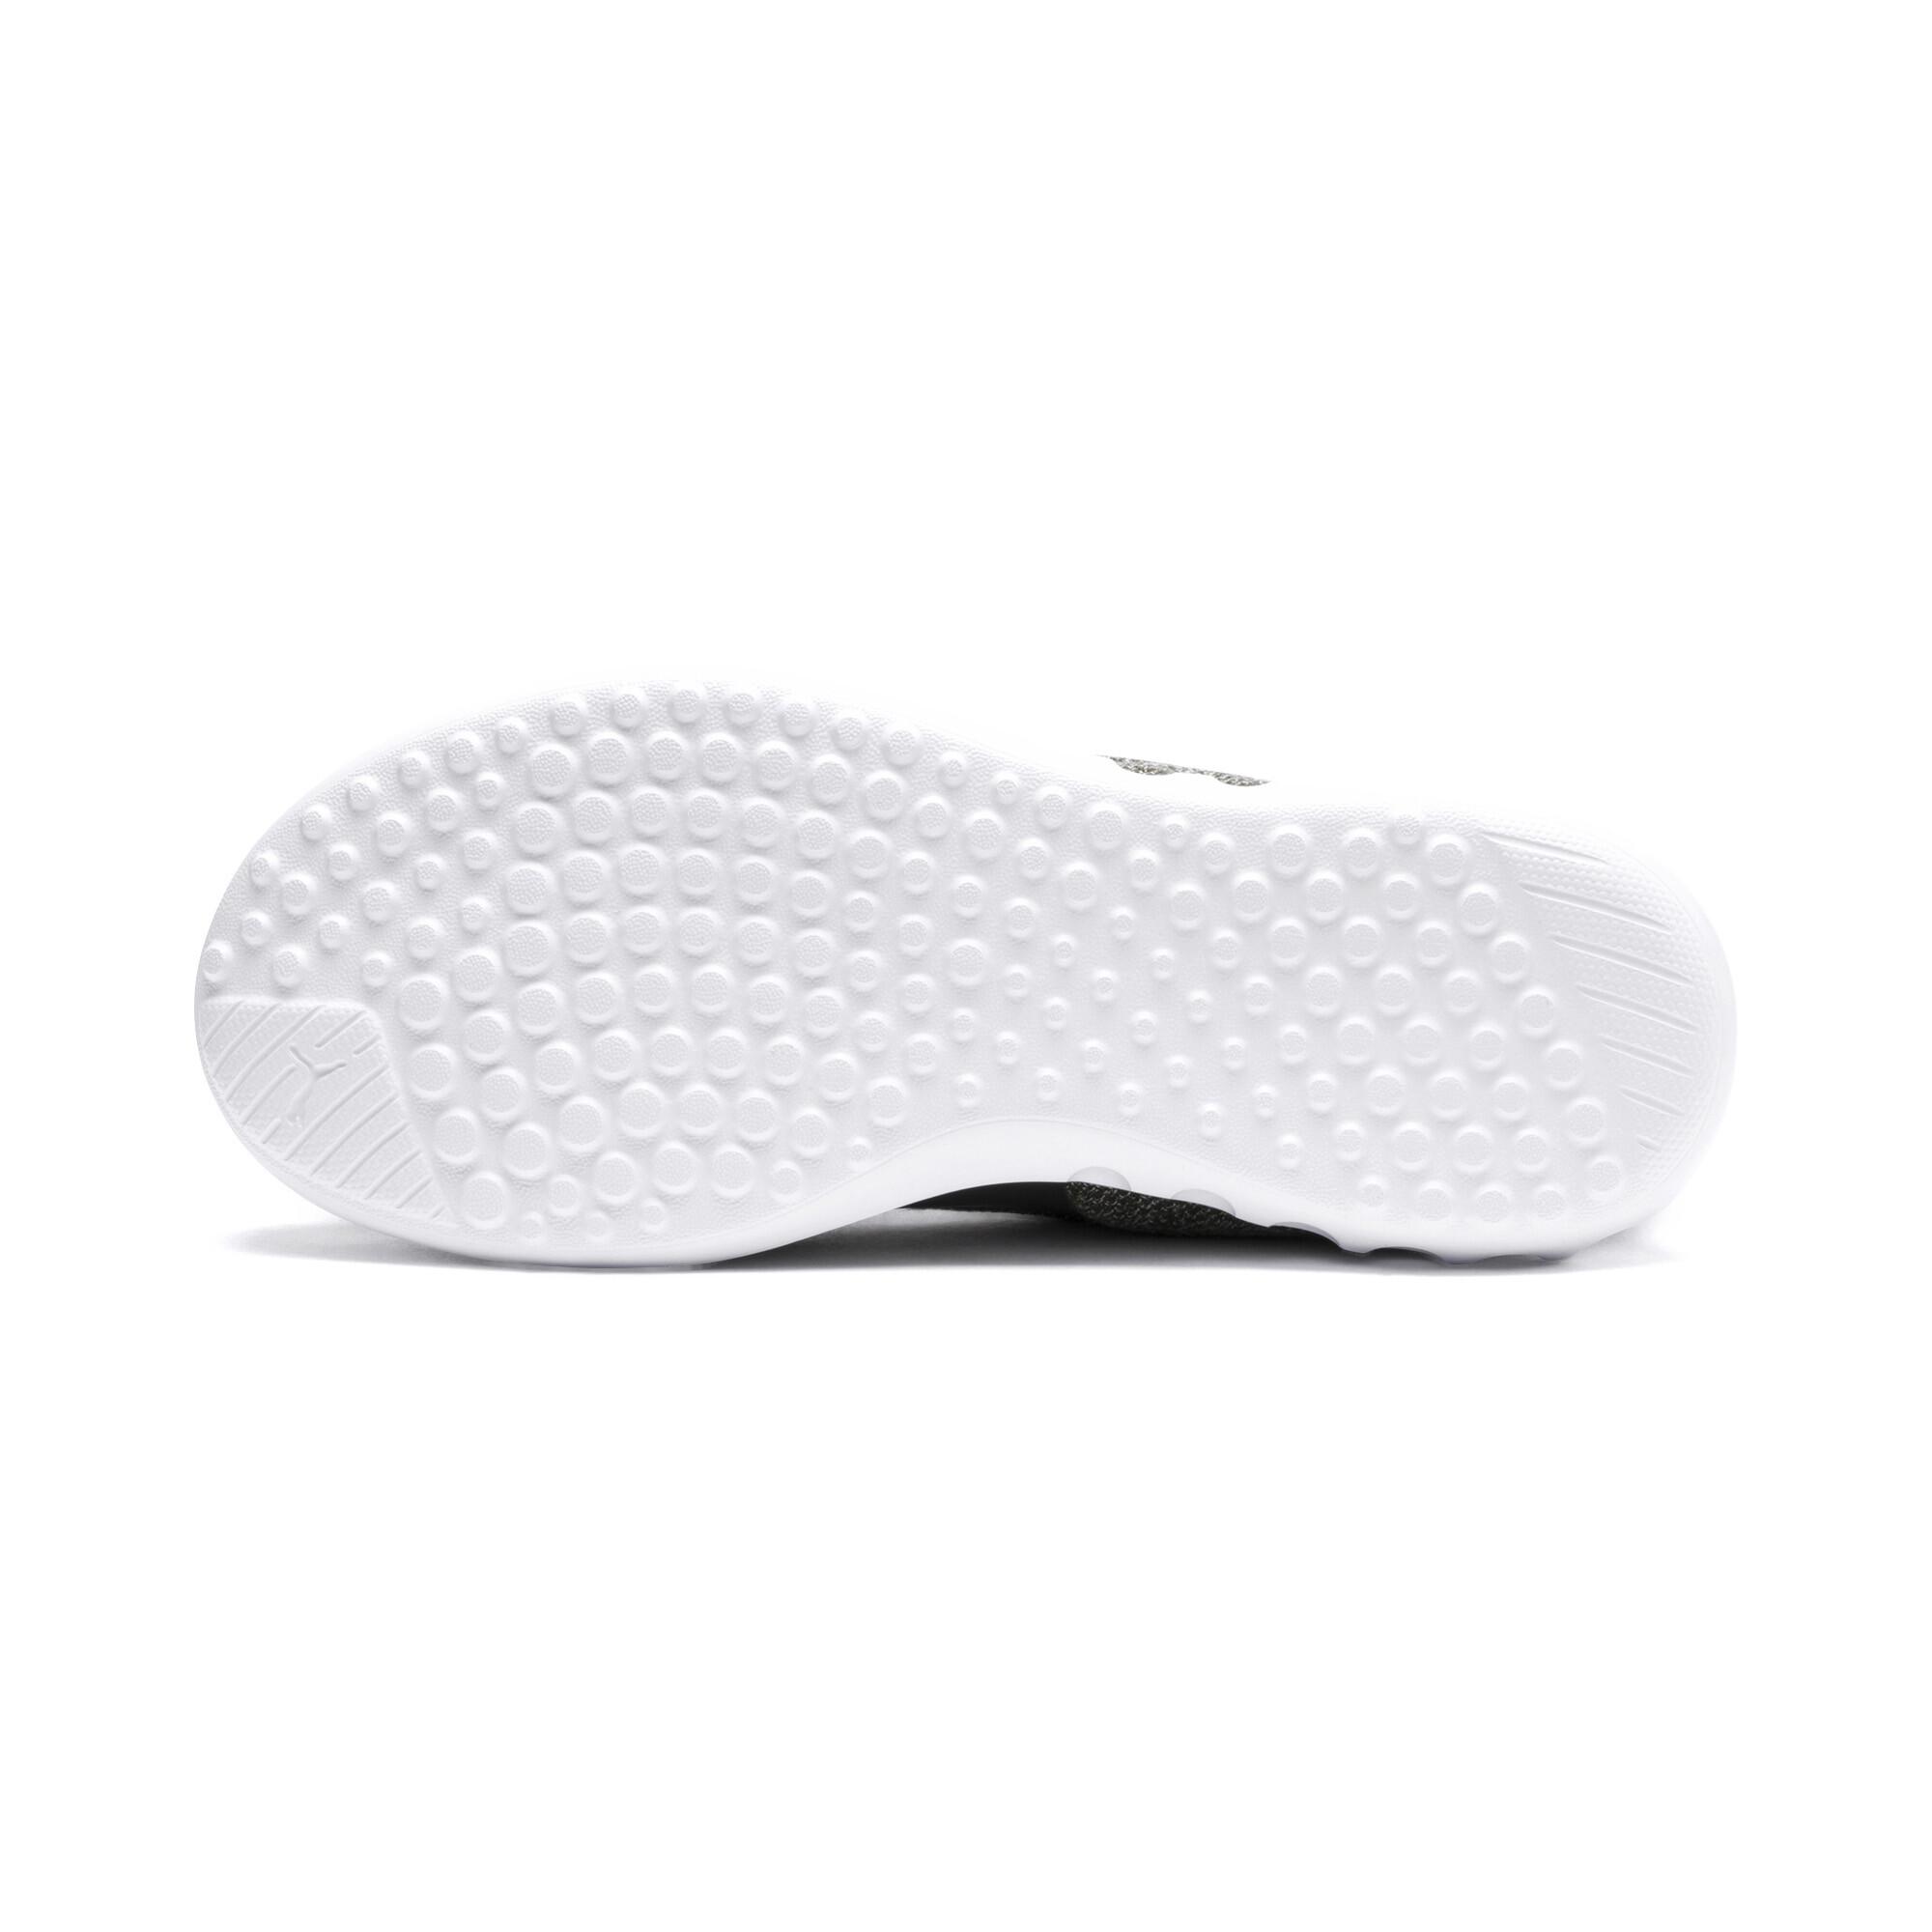 PUMA-Carson-2-Knit-Women-039-s-Running-Shoes-Women-Shoe-Running thumbnail 11